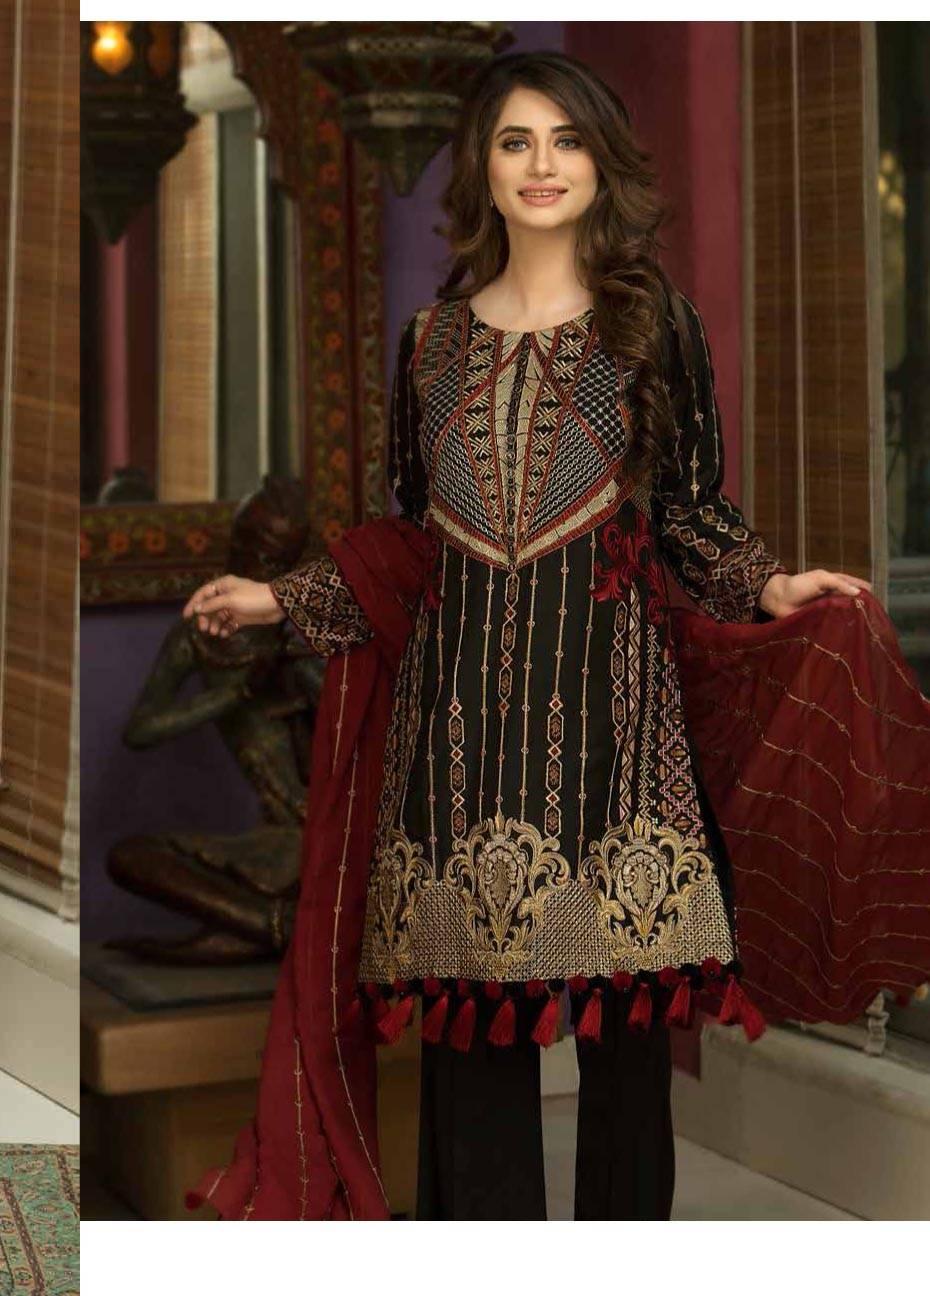 Motifz Embroidered Linen Unstitched 3 Piece Suit MT17W2 2029 Beauty Black